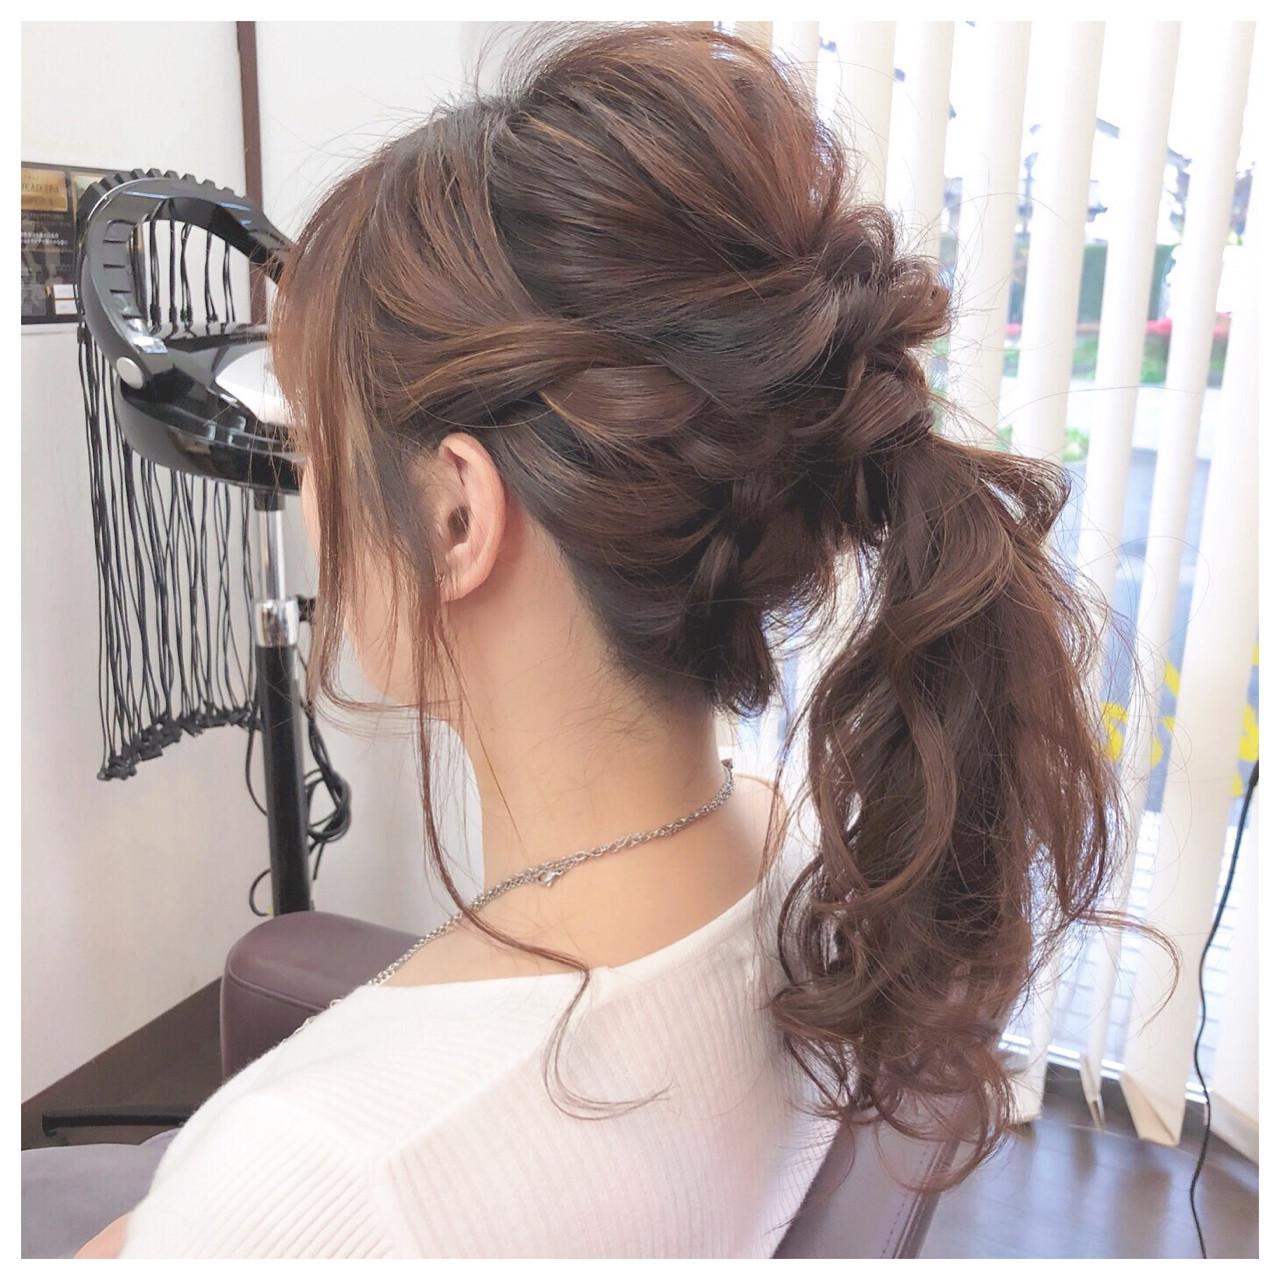 結婚式 ヘアアレンジ フェミニン ミディアム ヘアスタイルや髪型の写真・画像